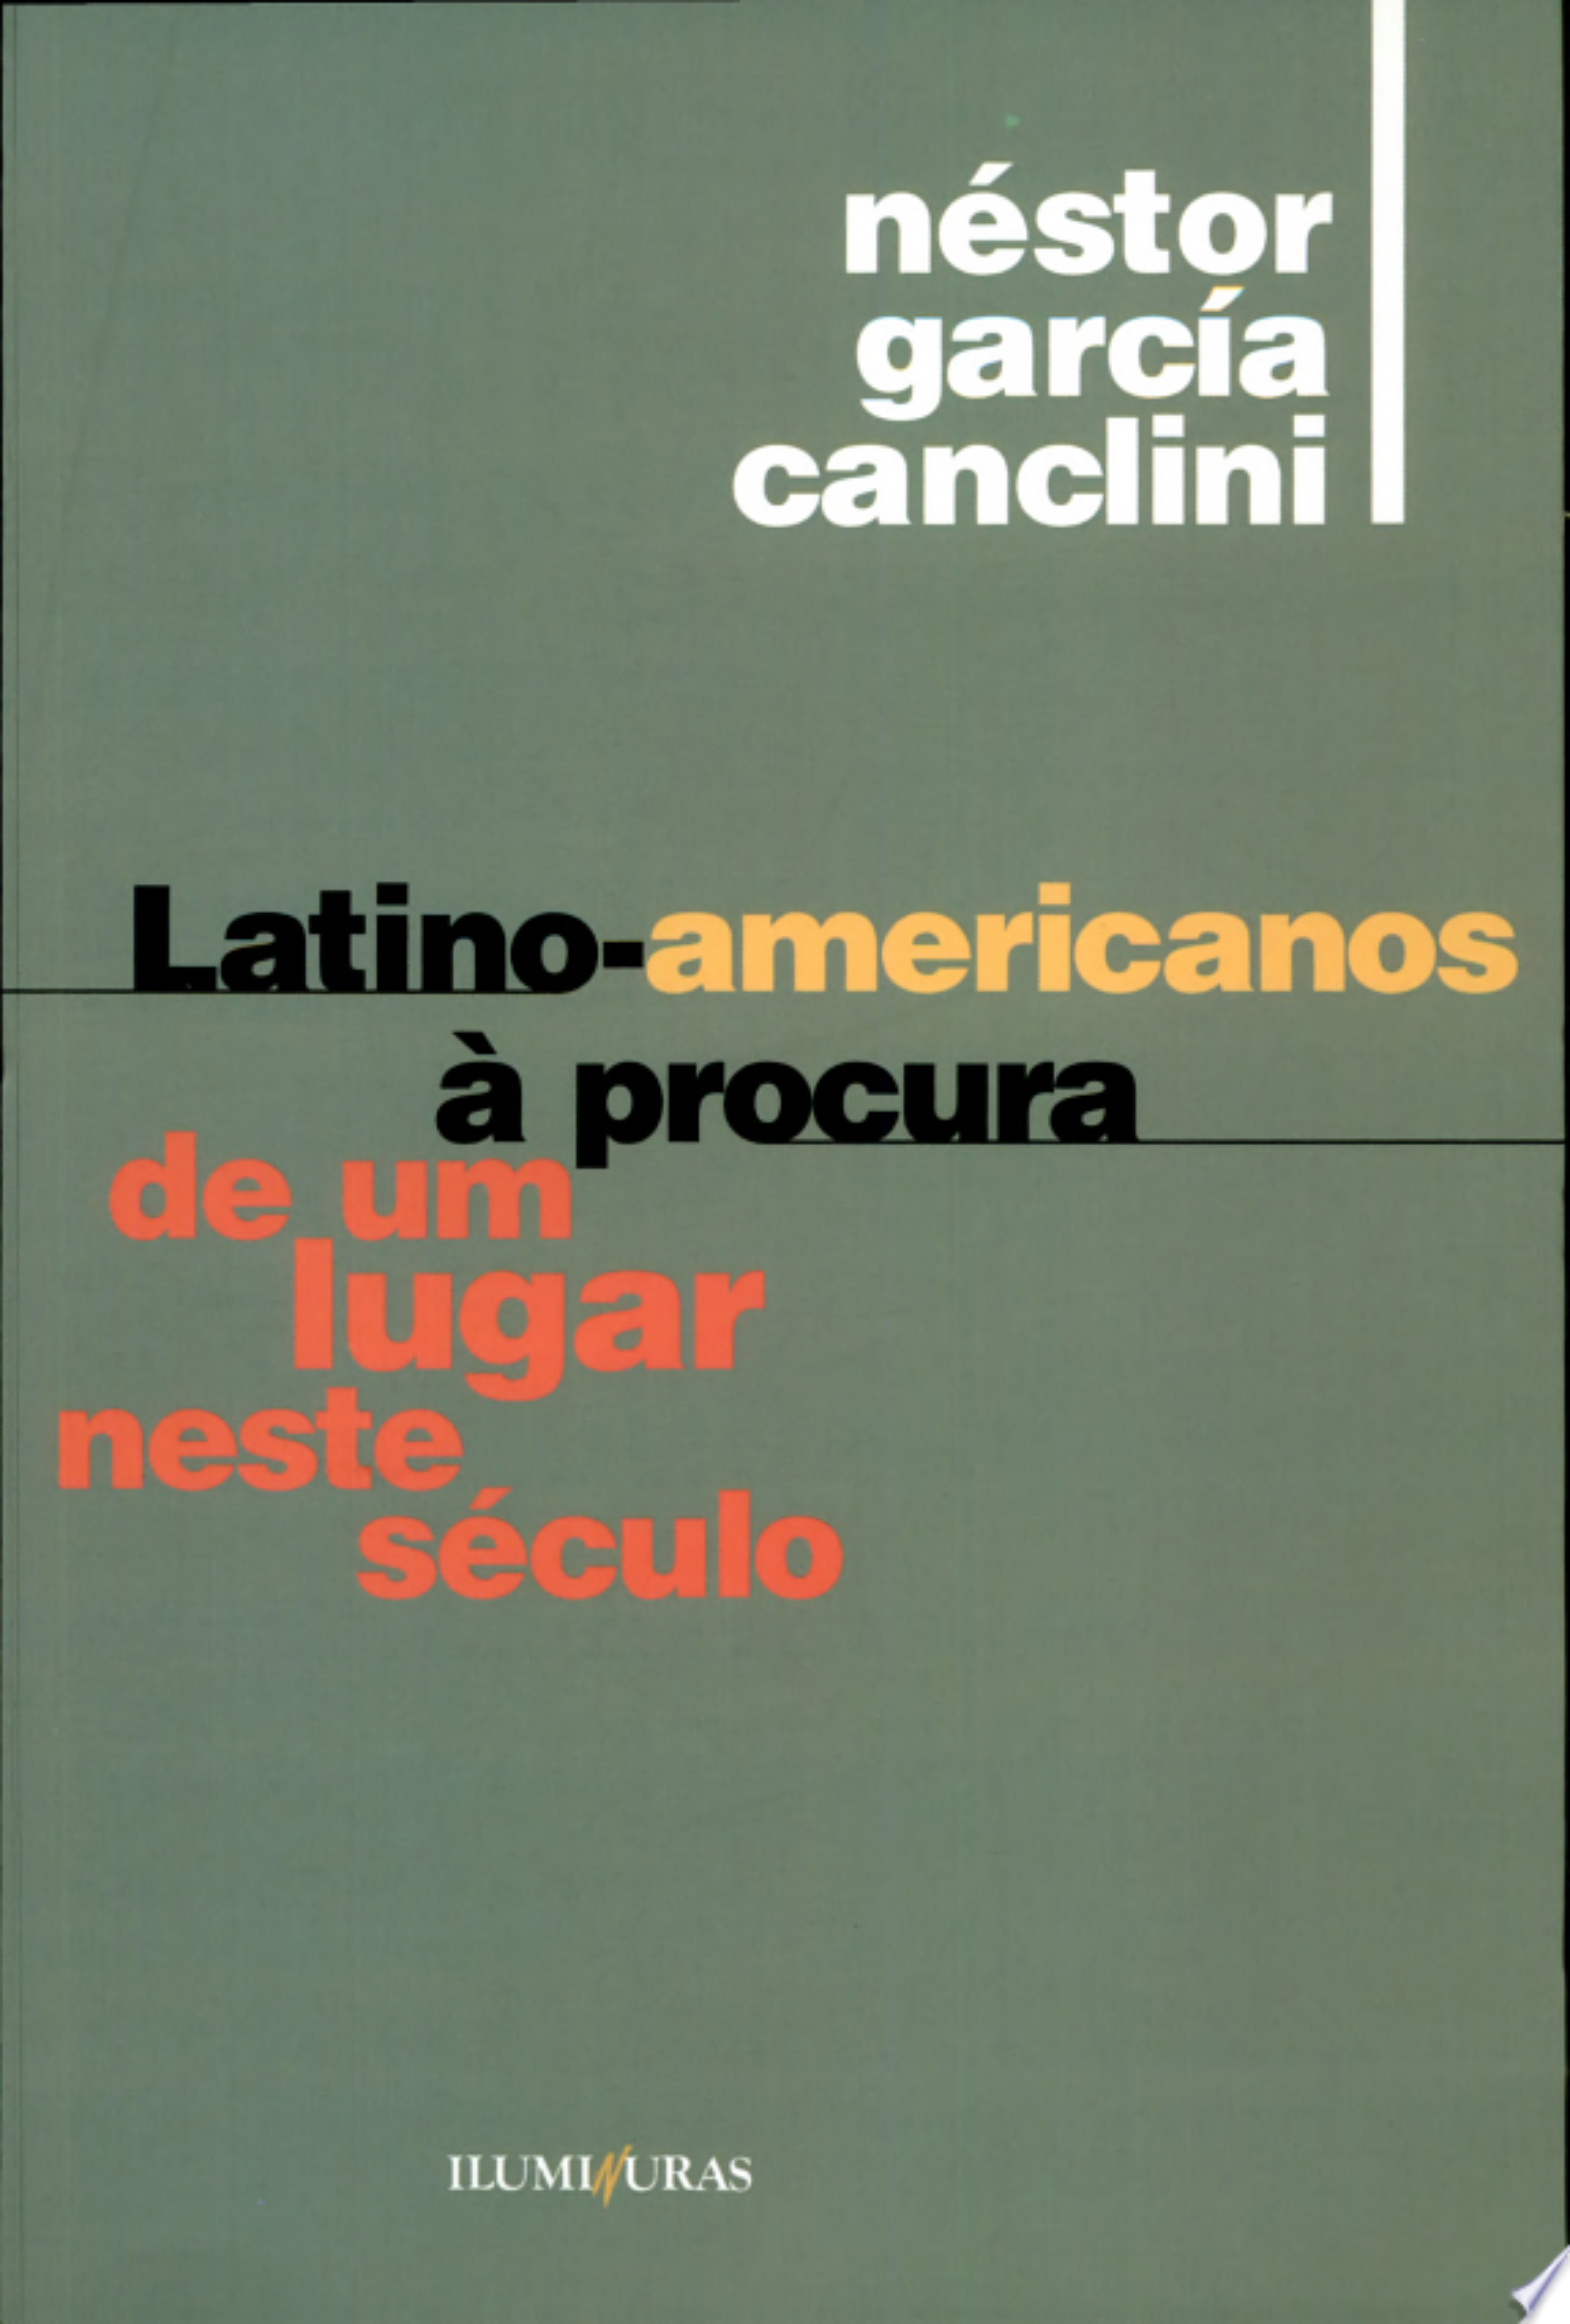 Latino Americanos a procura de um lugar neste s  culo